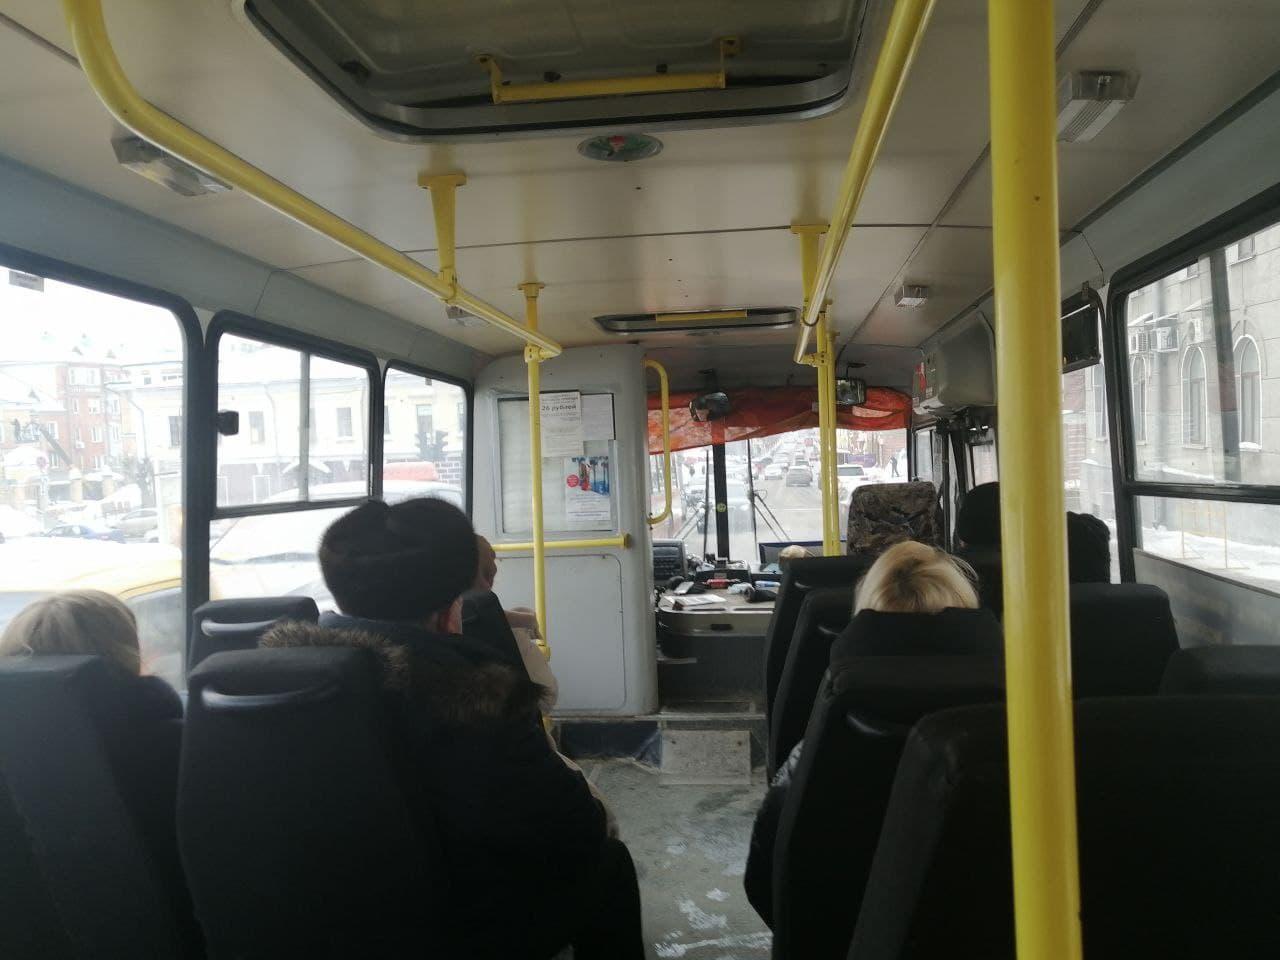 Списывают четыре поездки за раз. Будут ли менять терминалы в автобусах Кирова?